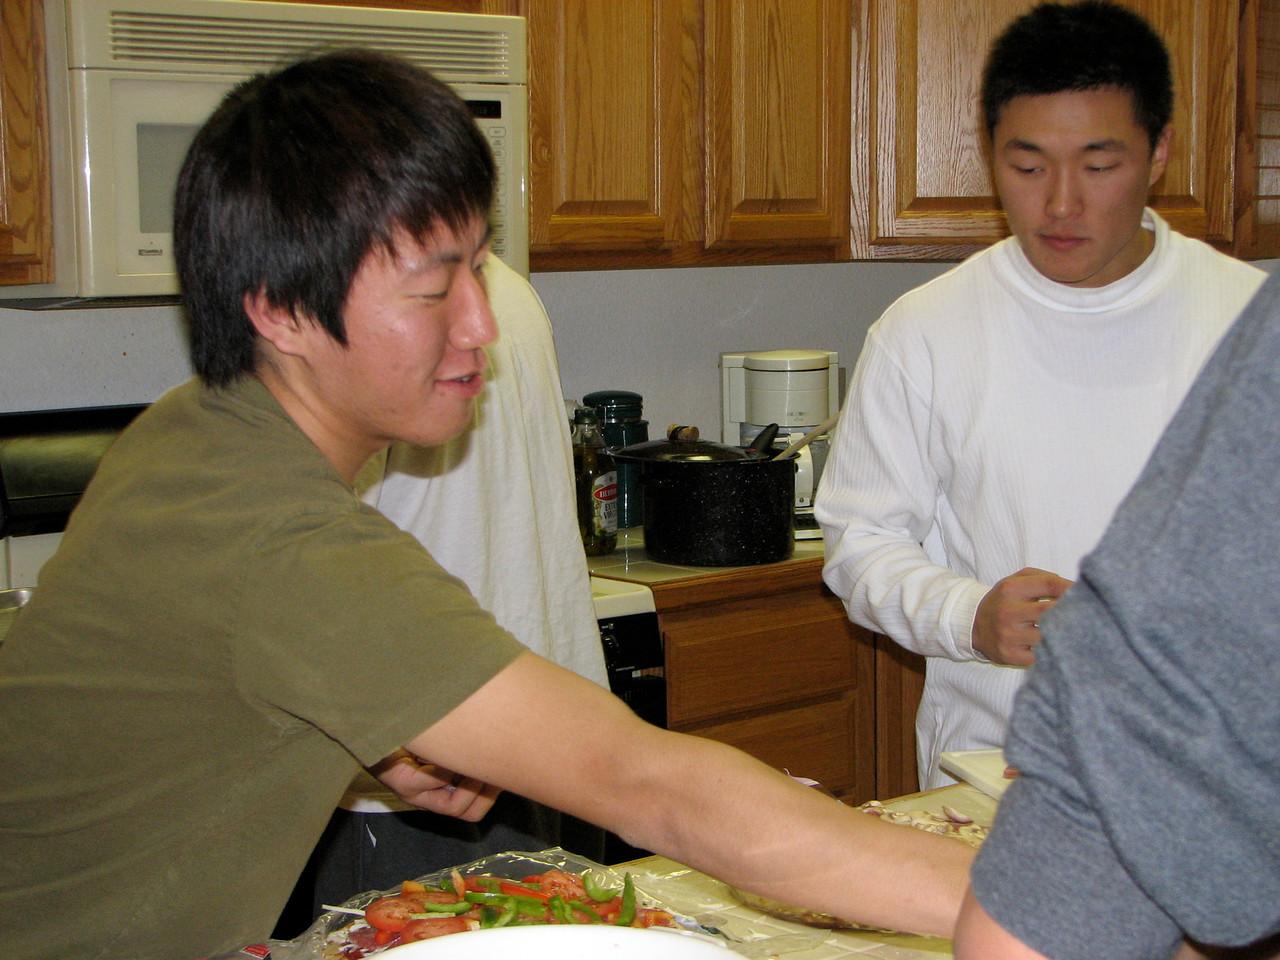 2006 12 21 Thu - Junghan Kim & Ted Hong preparing pizzas